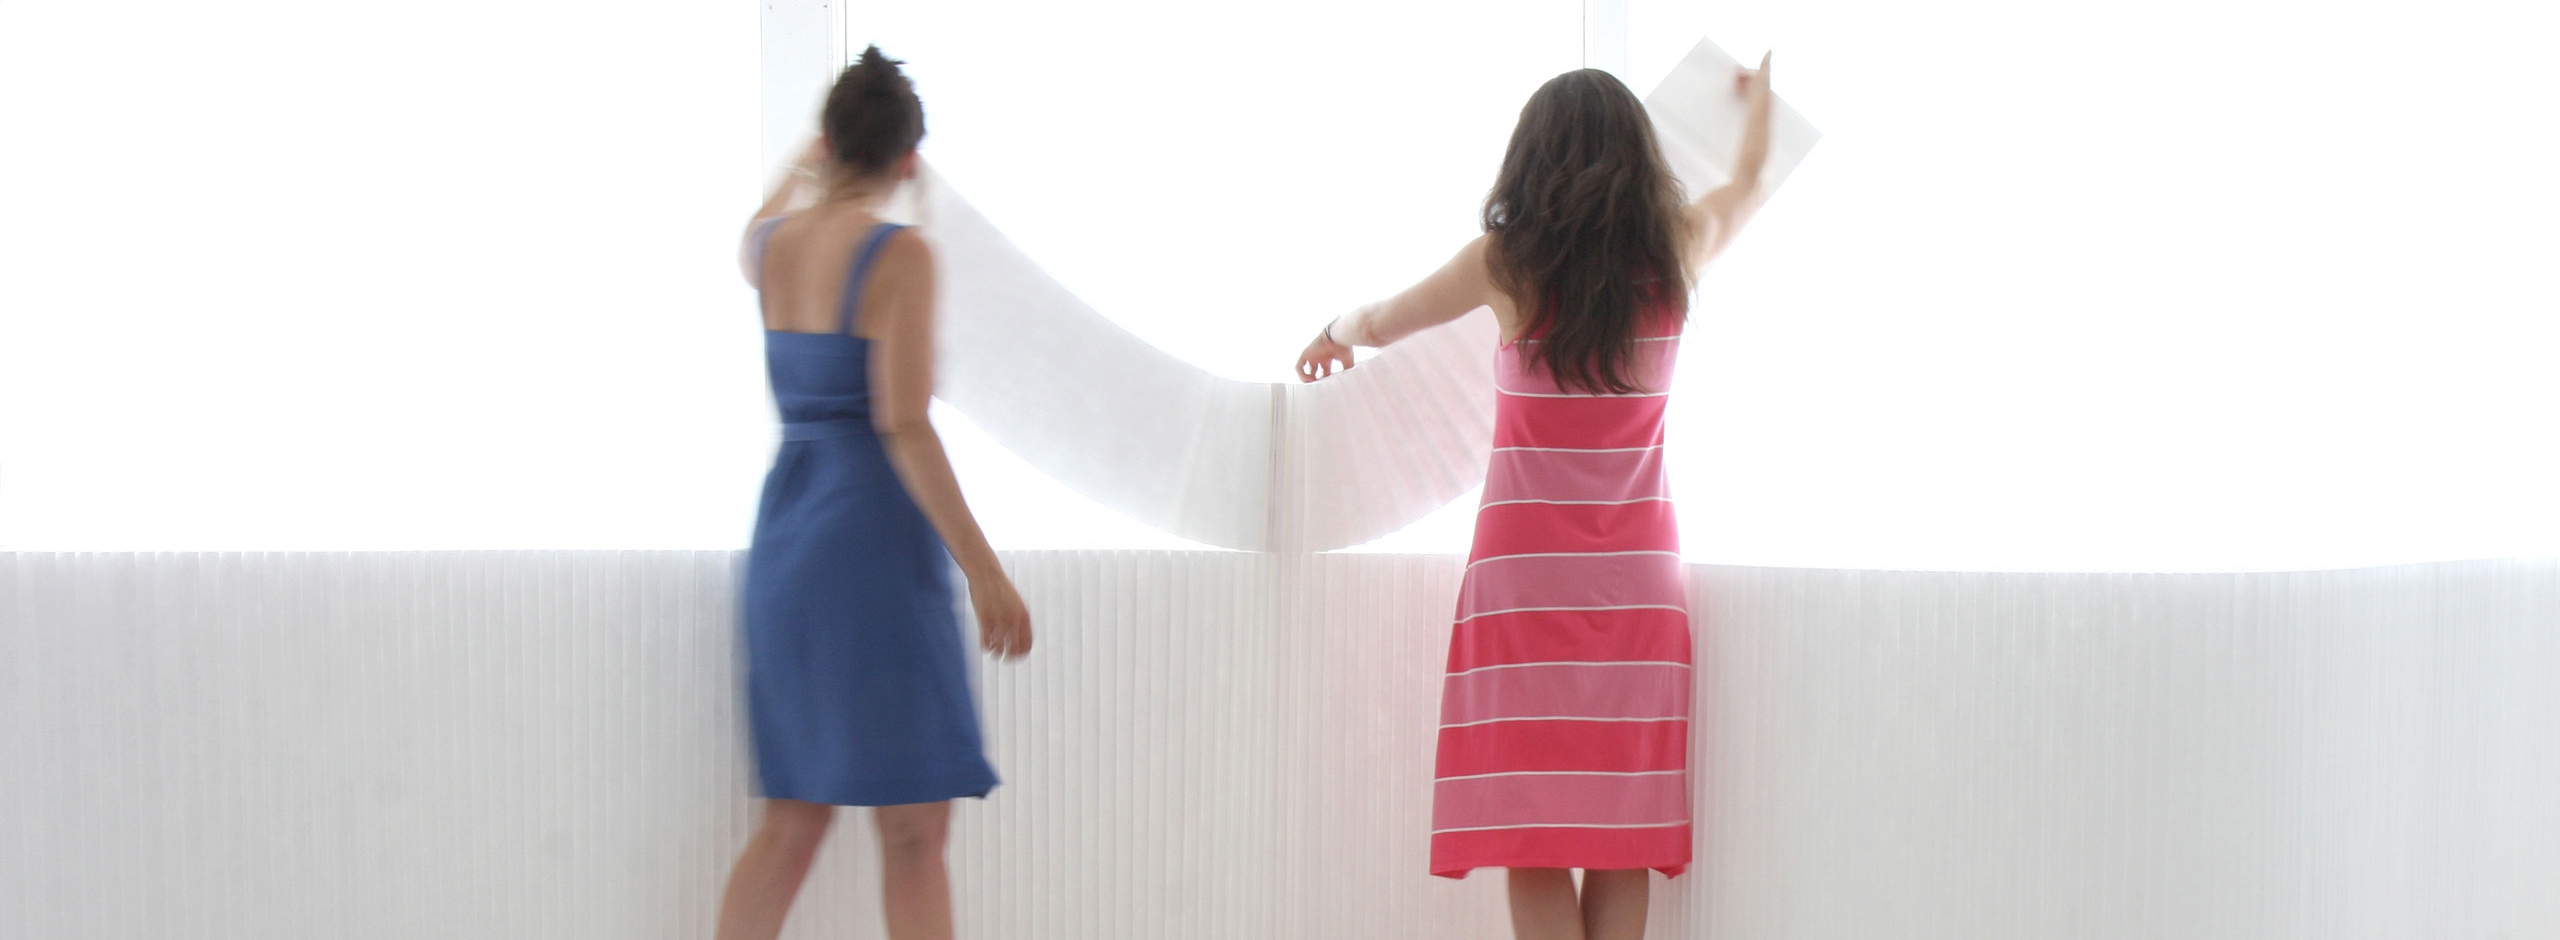 two women arrange white textile softblocks